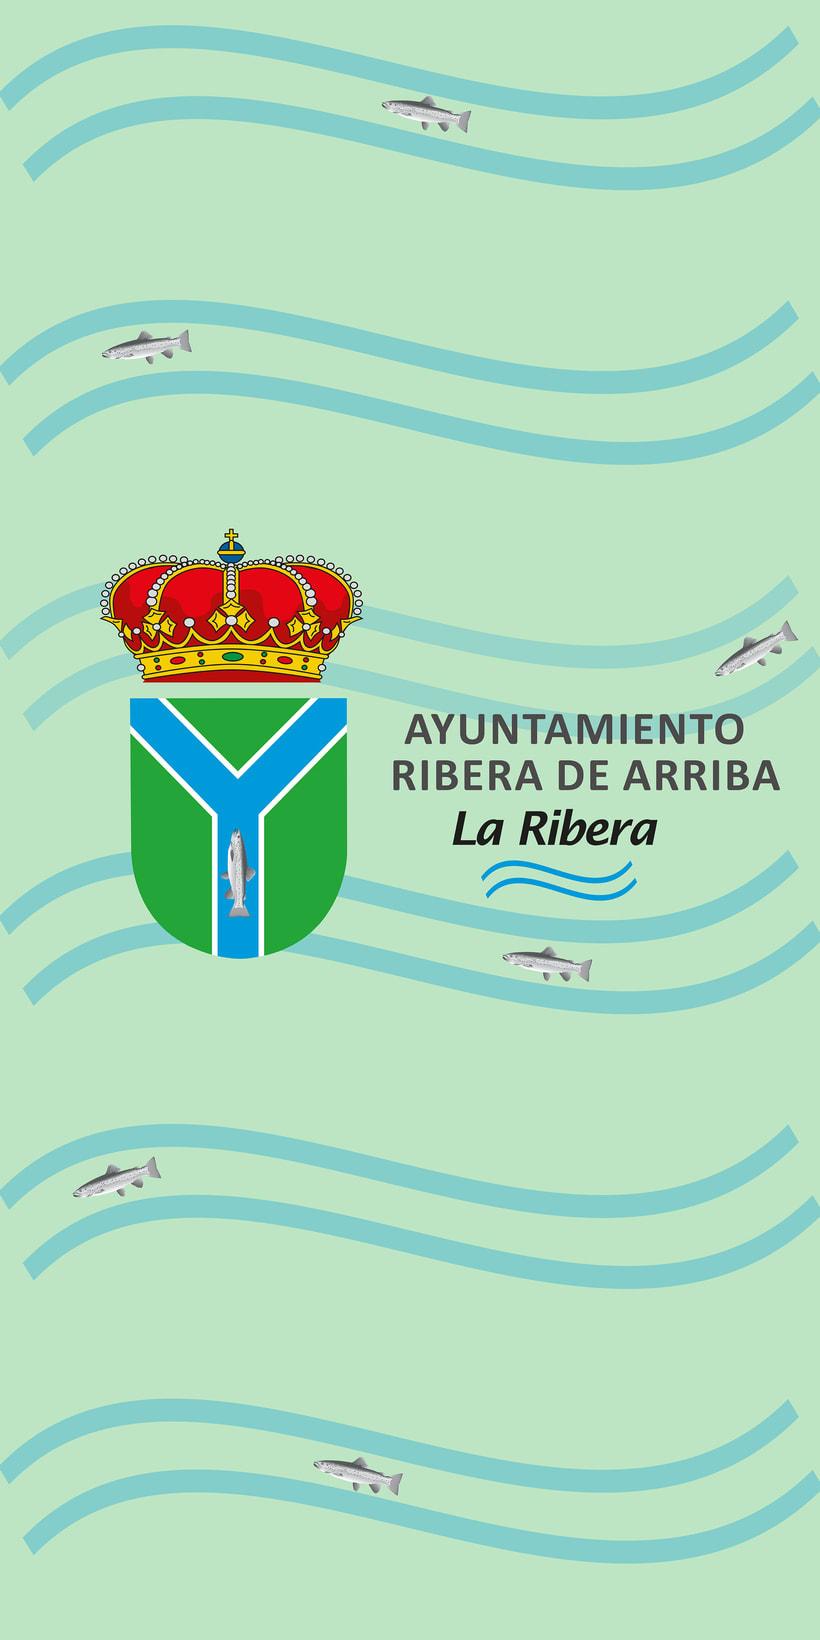 Rollers Ayuntamiento Ribera de Arriba (Asturias) -1